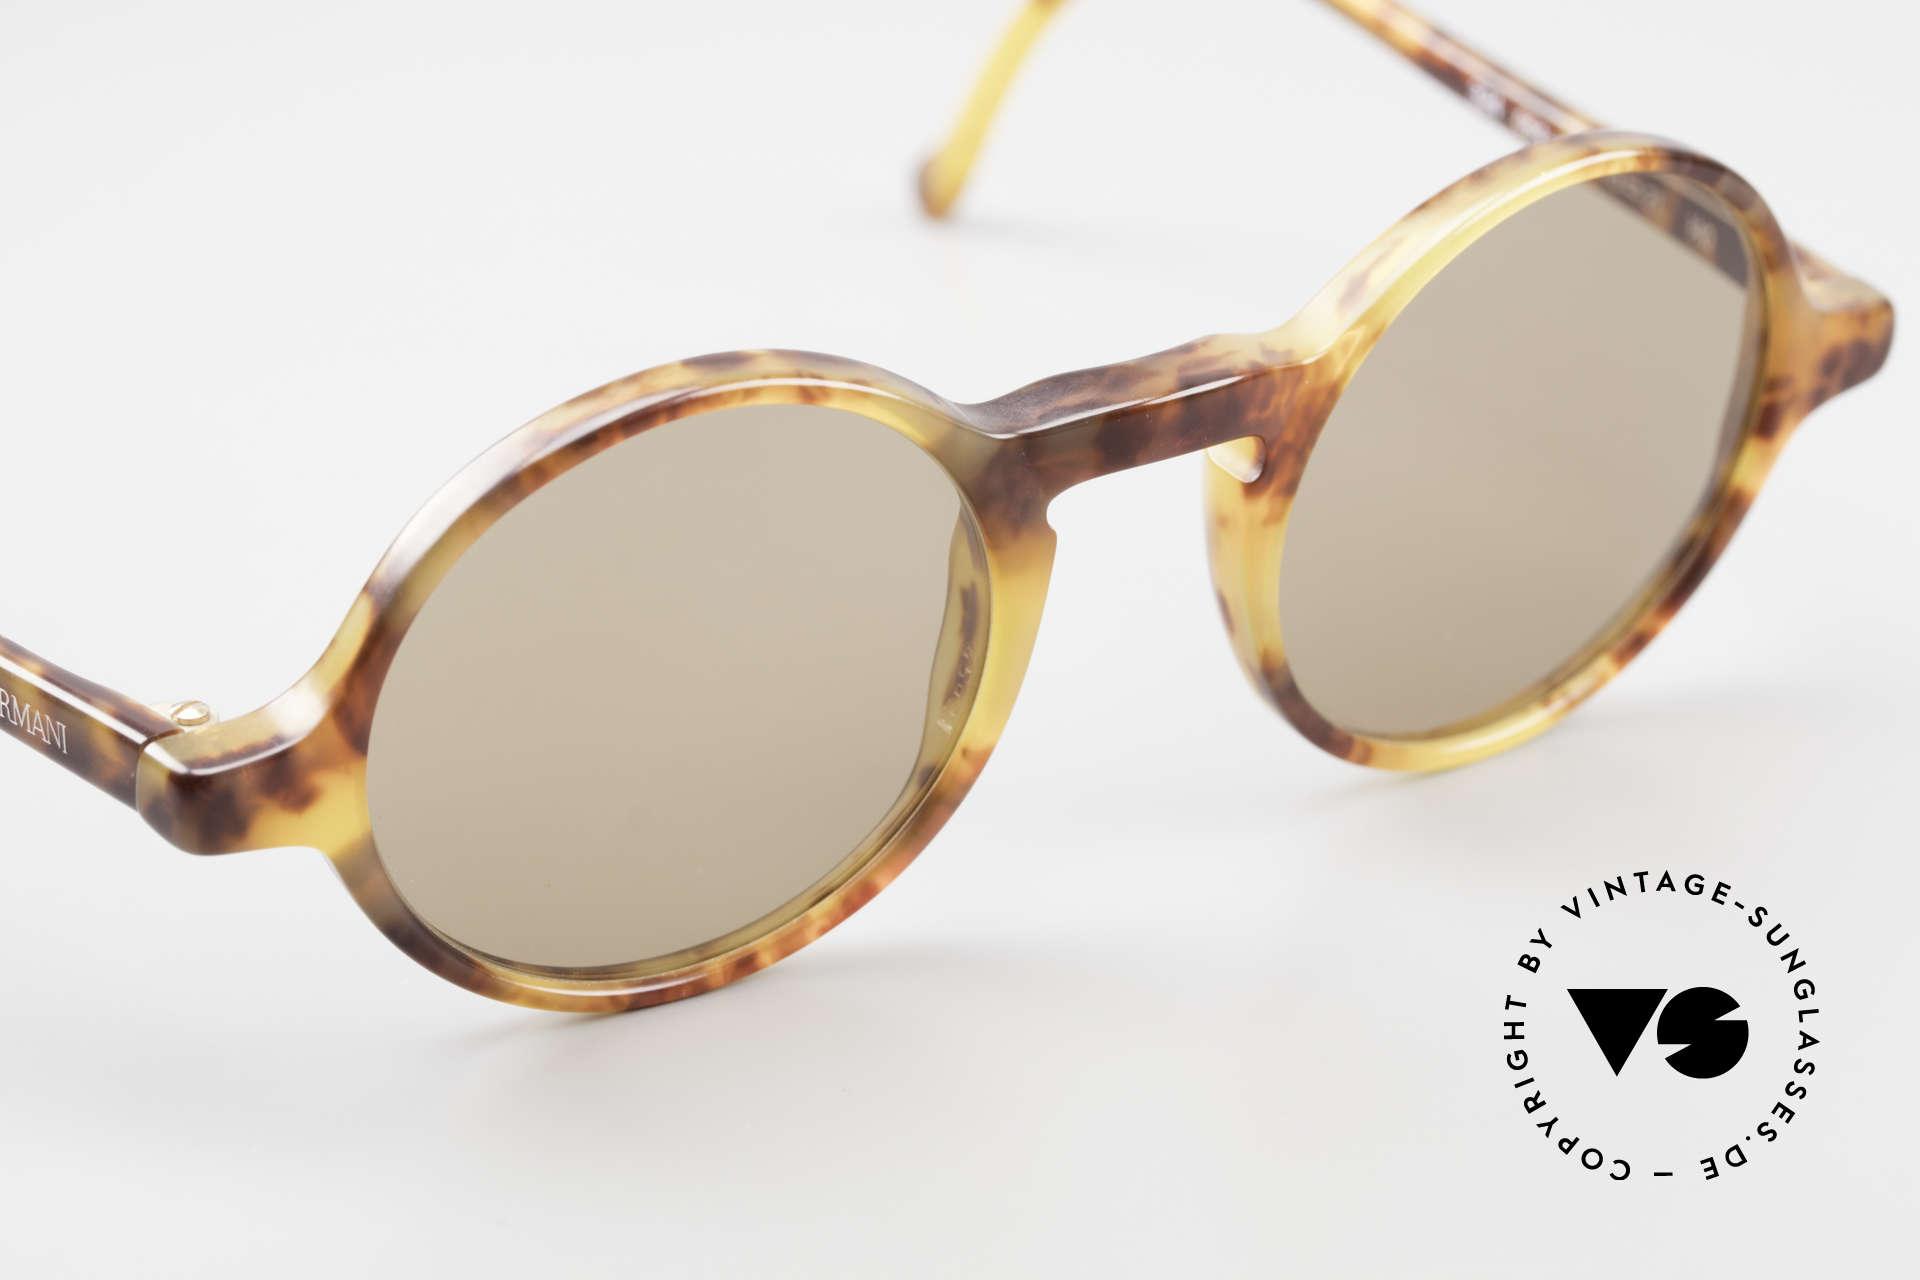 Giorgio Armani 324 Round 90's Designer Sunglasses, NO RETRO specs, but a unique 25 years old ORIGINAL, Made for Men